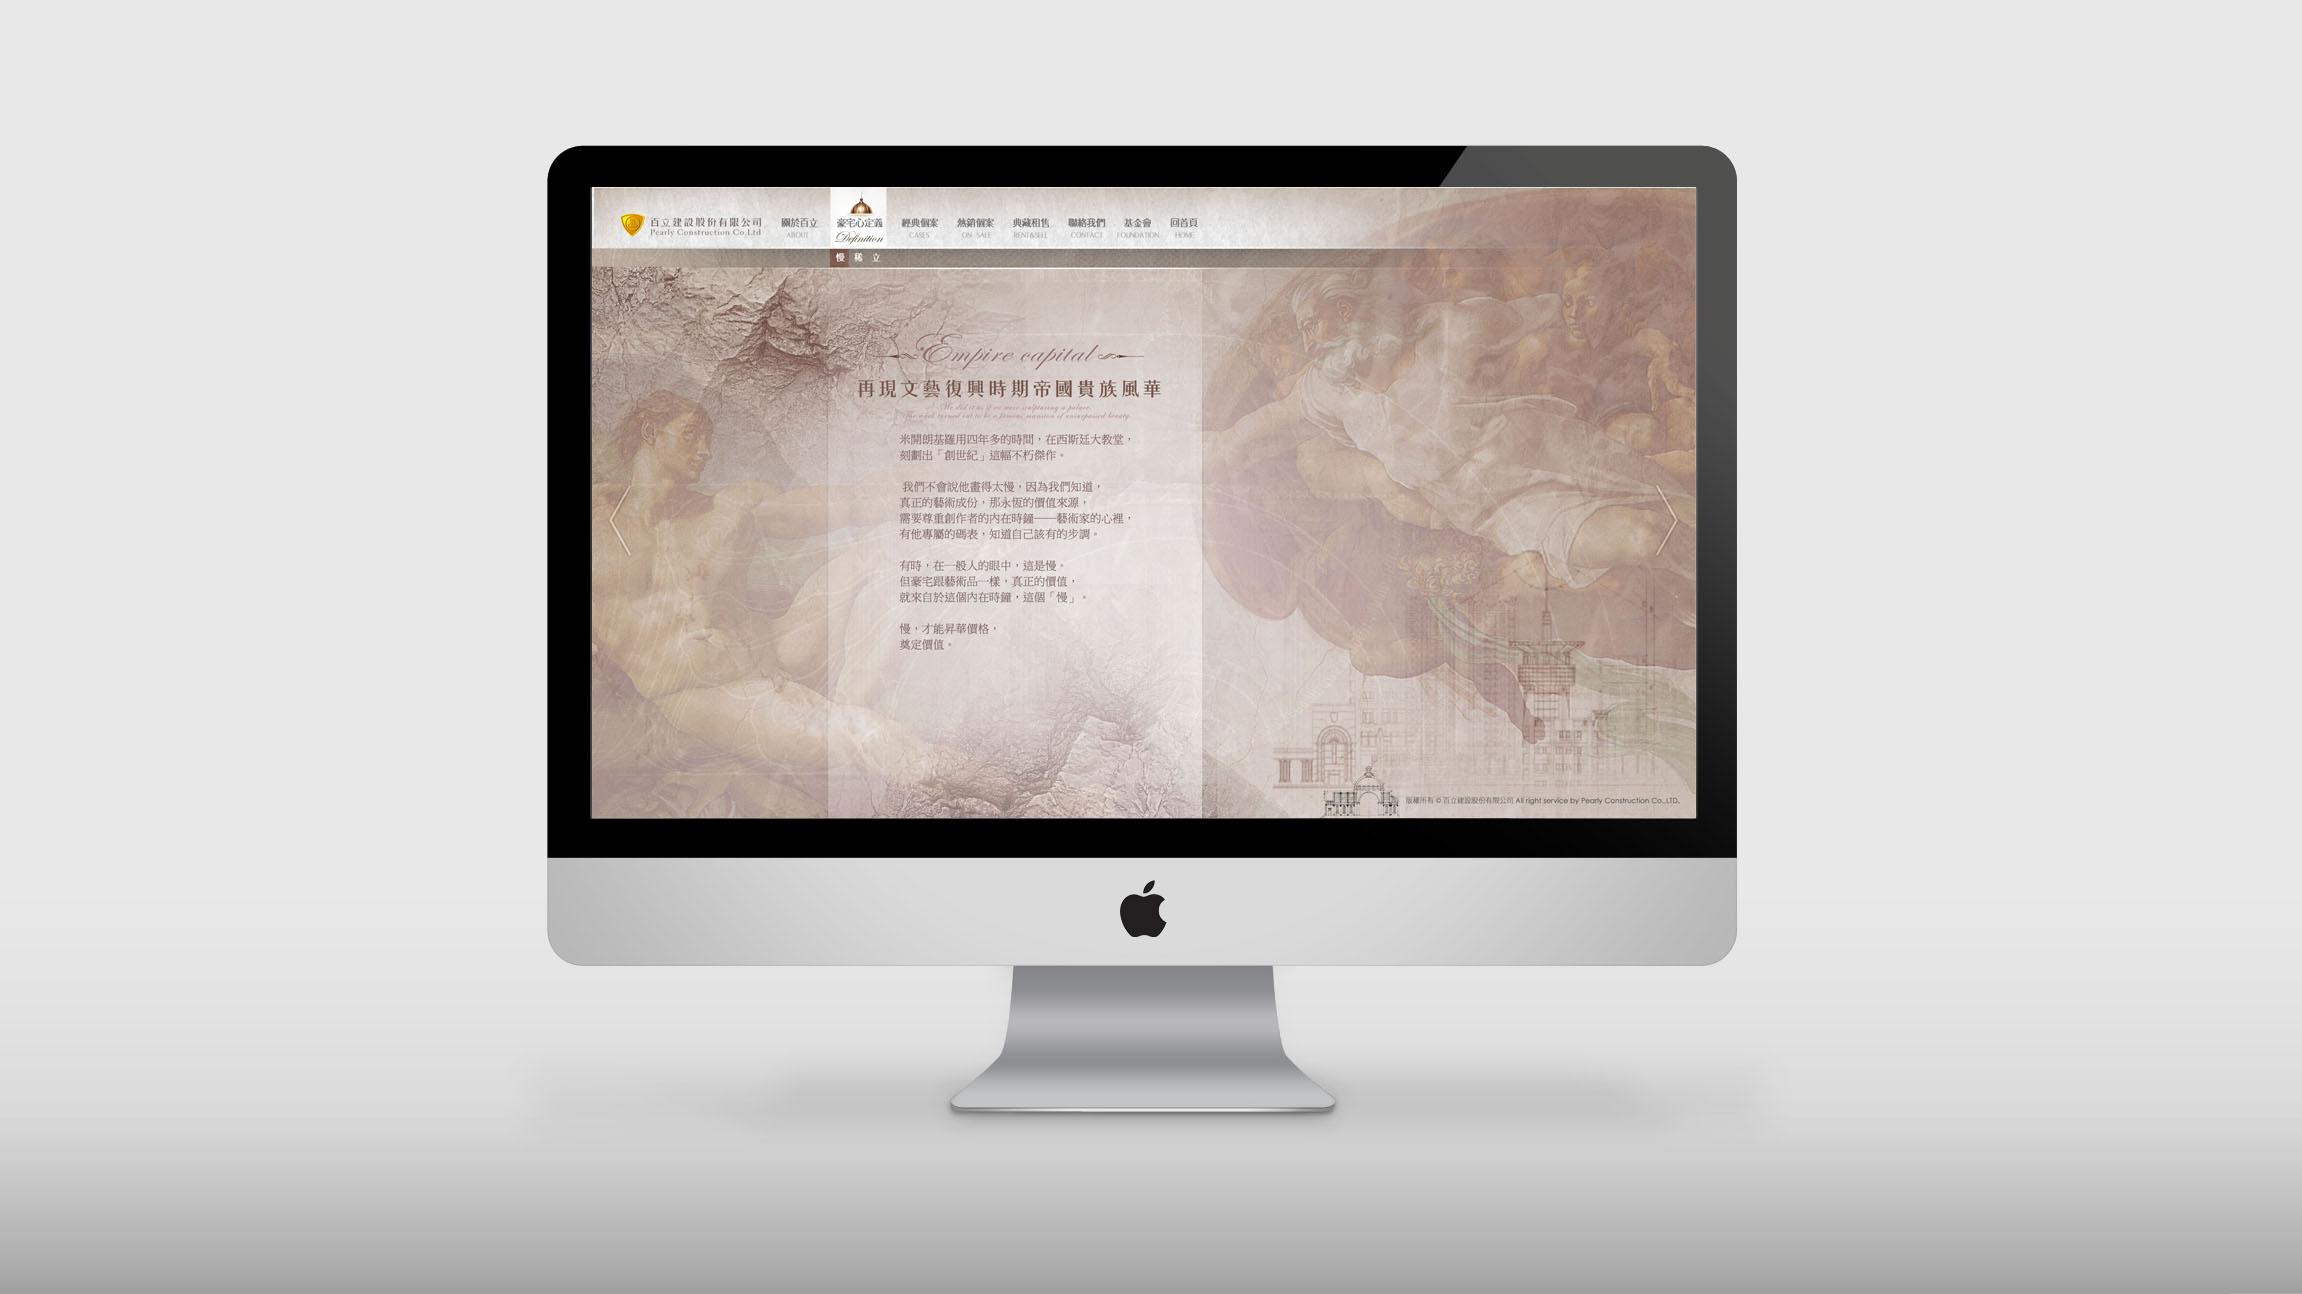 0114 百立建設官網建構 網站版型精稿提案 3豪宅心定義 iMac